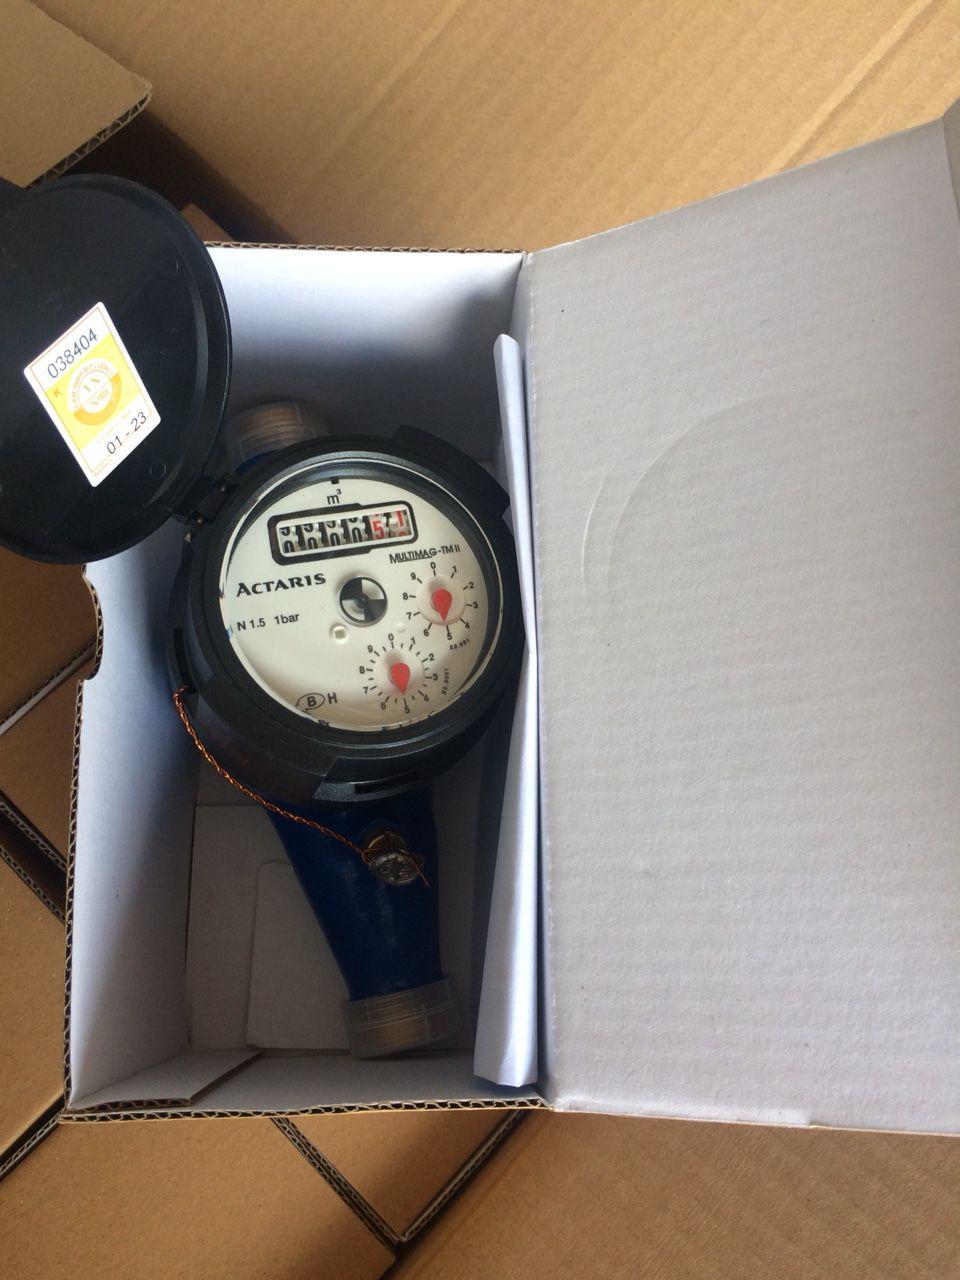 Đồng hồ nước Itron Actaris lắp ren